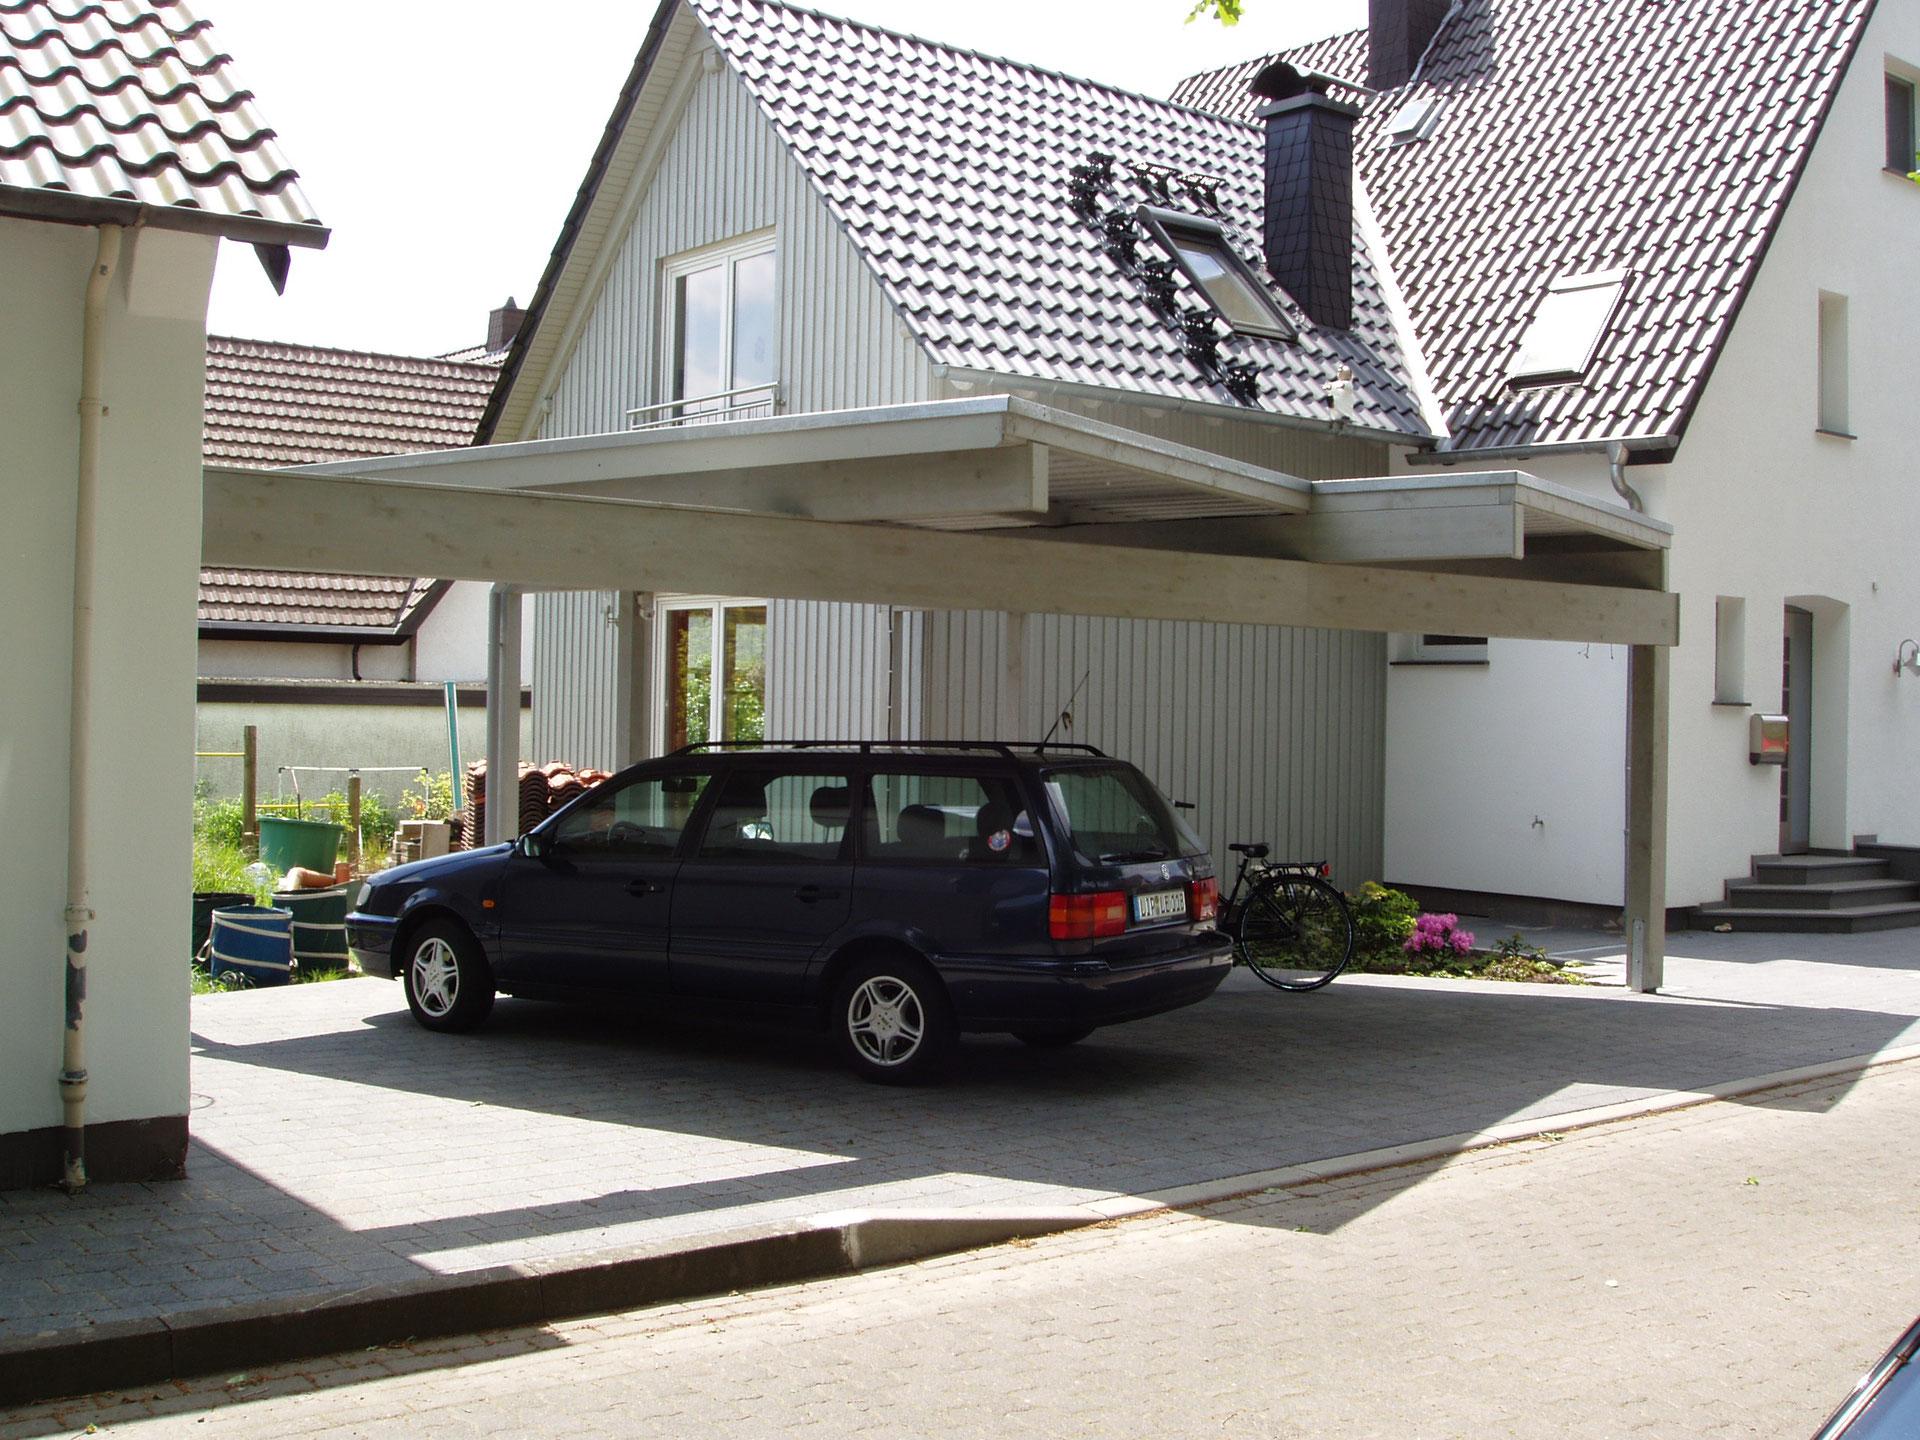 individuelle sondermodelle carport in holz alu stahl carport bausatz. Black Bedroom Furniture Sets. Home Design Ideas